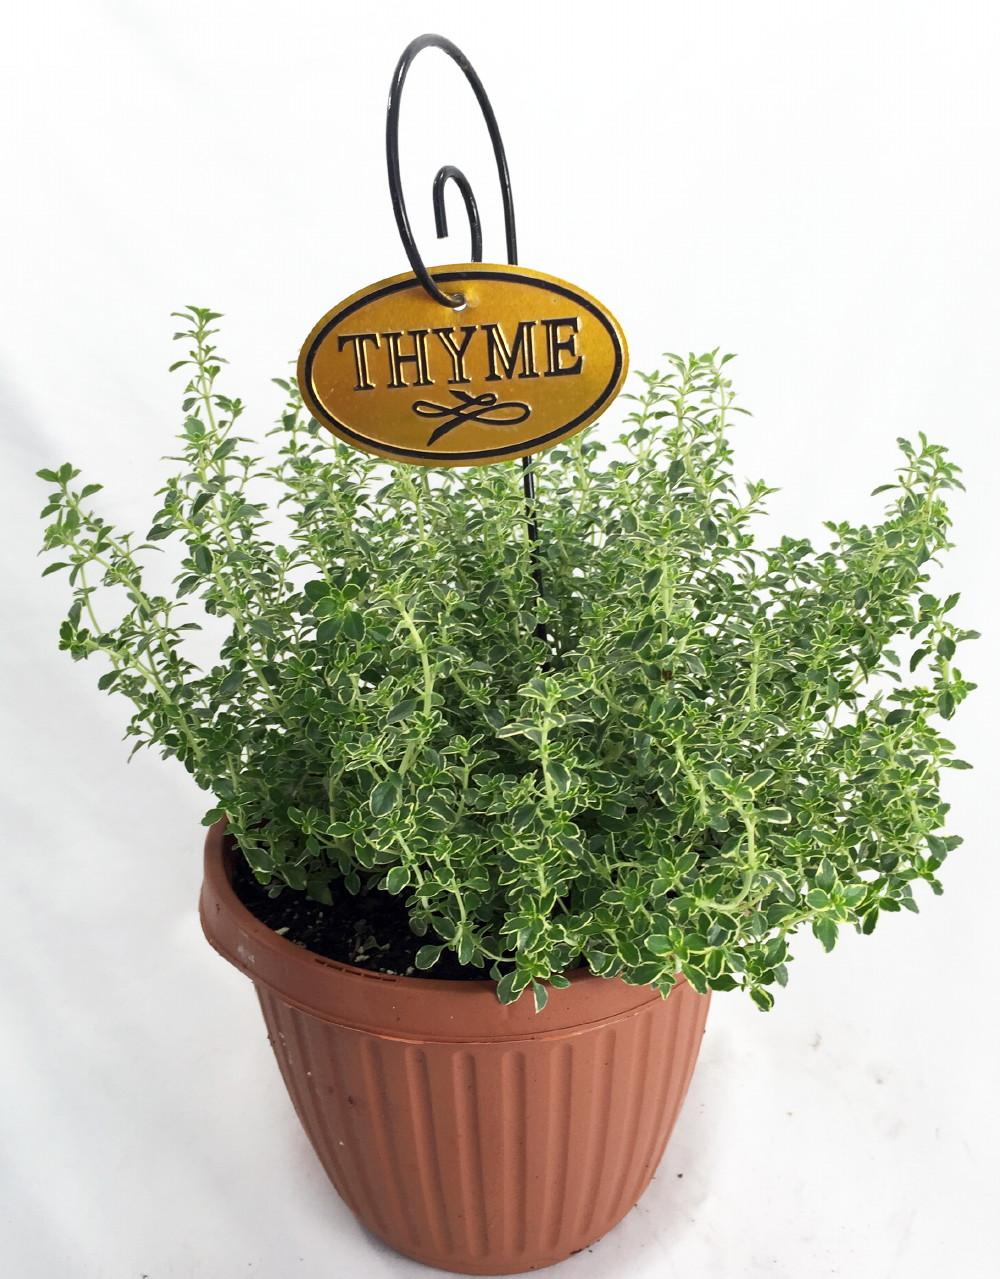 Lemon thyme plant smells tastes like lemon 6 pot ebay for Planting lemon seeds for smell